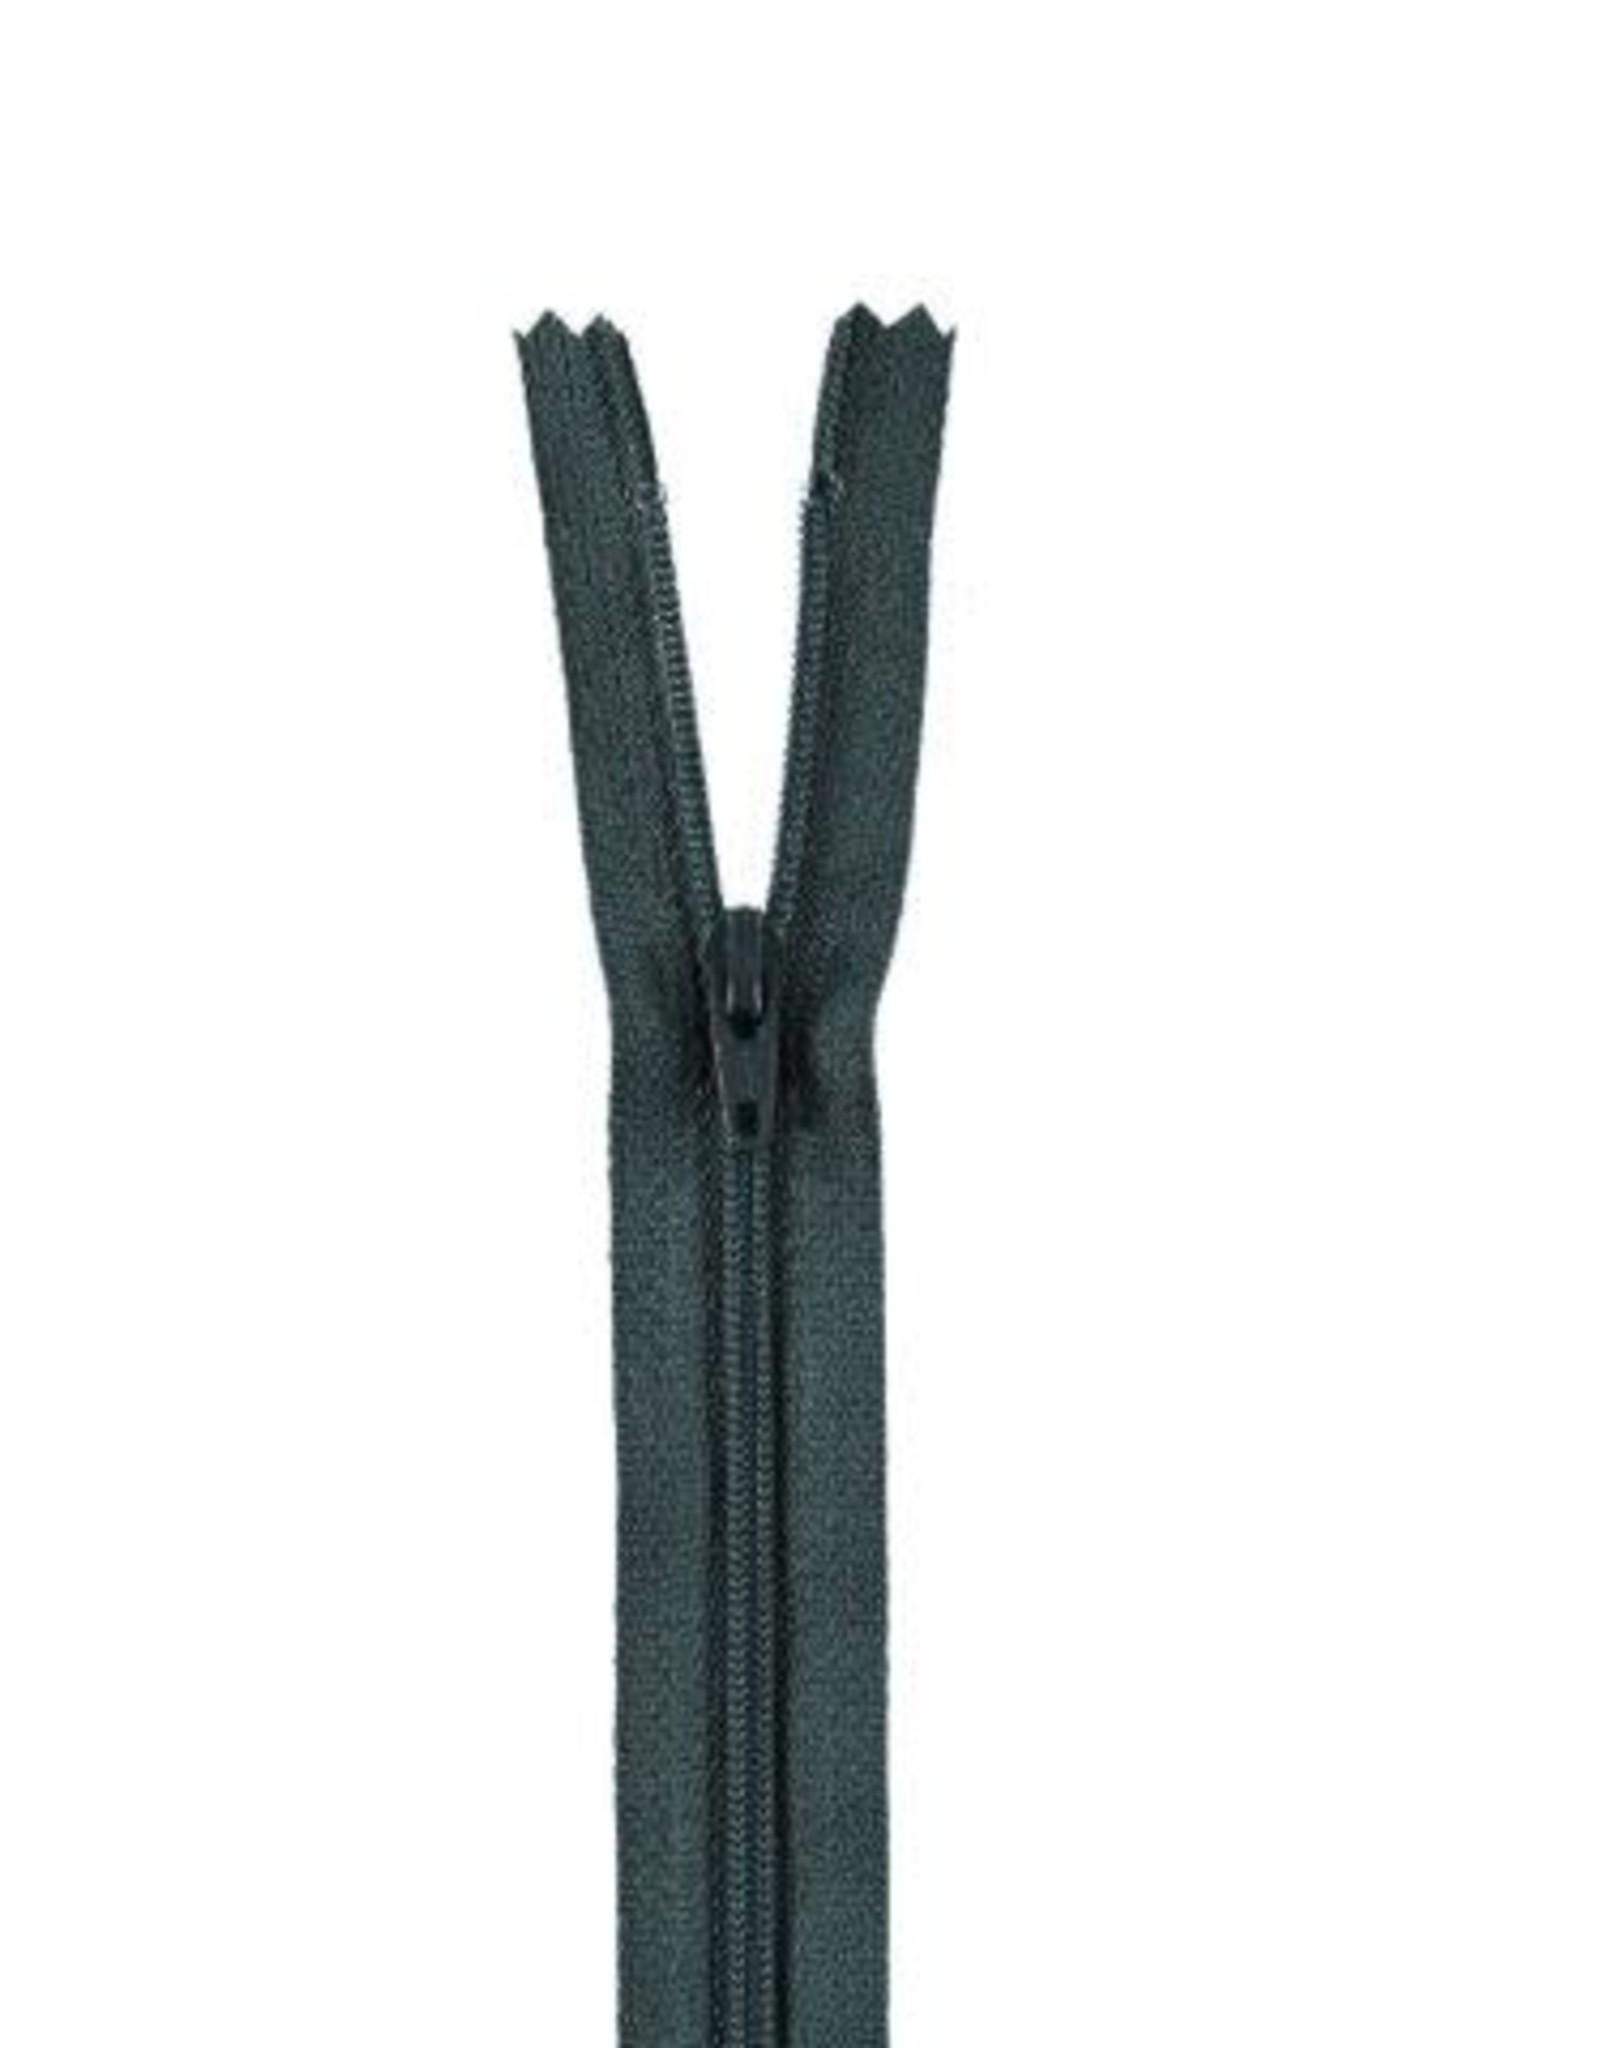 YKK Spiraalrits niet-DB 3mm grijsblauw 579-45cm